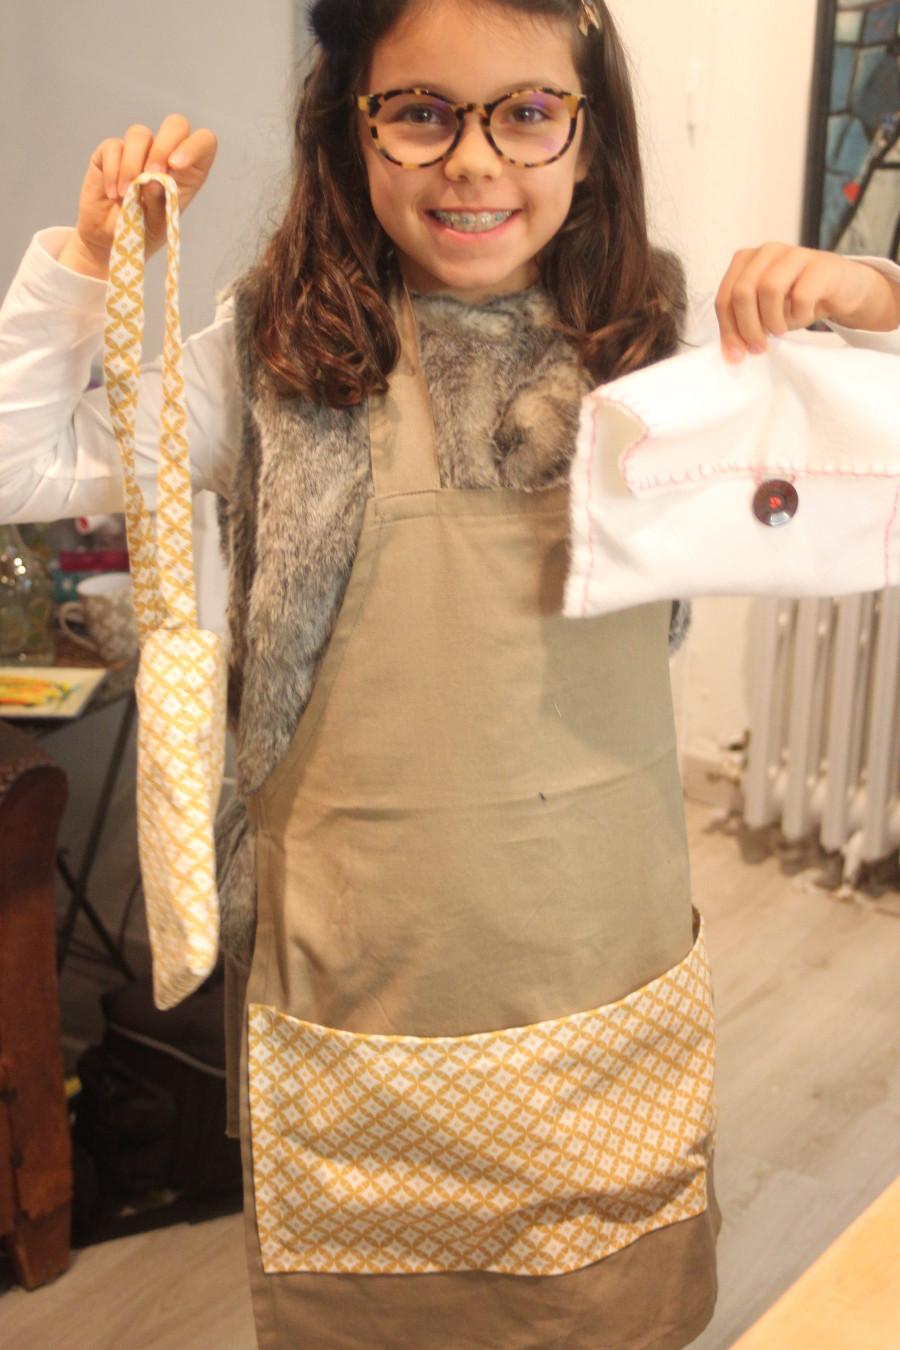 Créations et joie de la jeune couturière